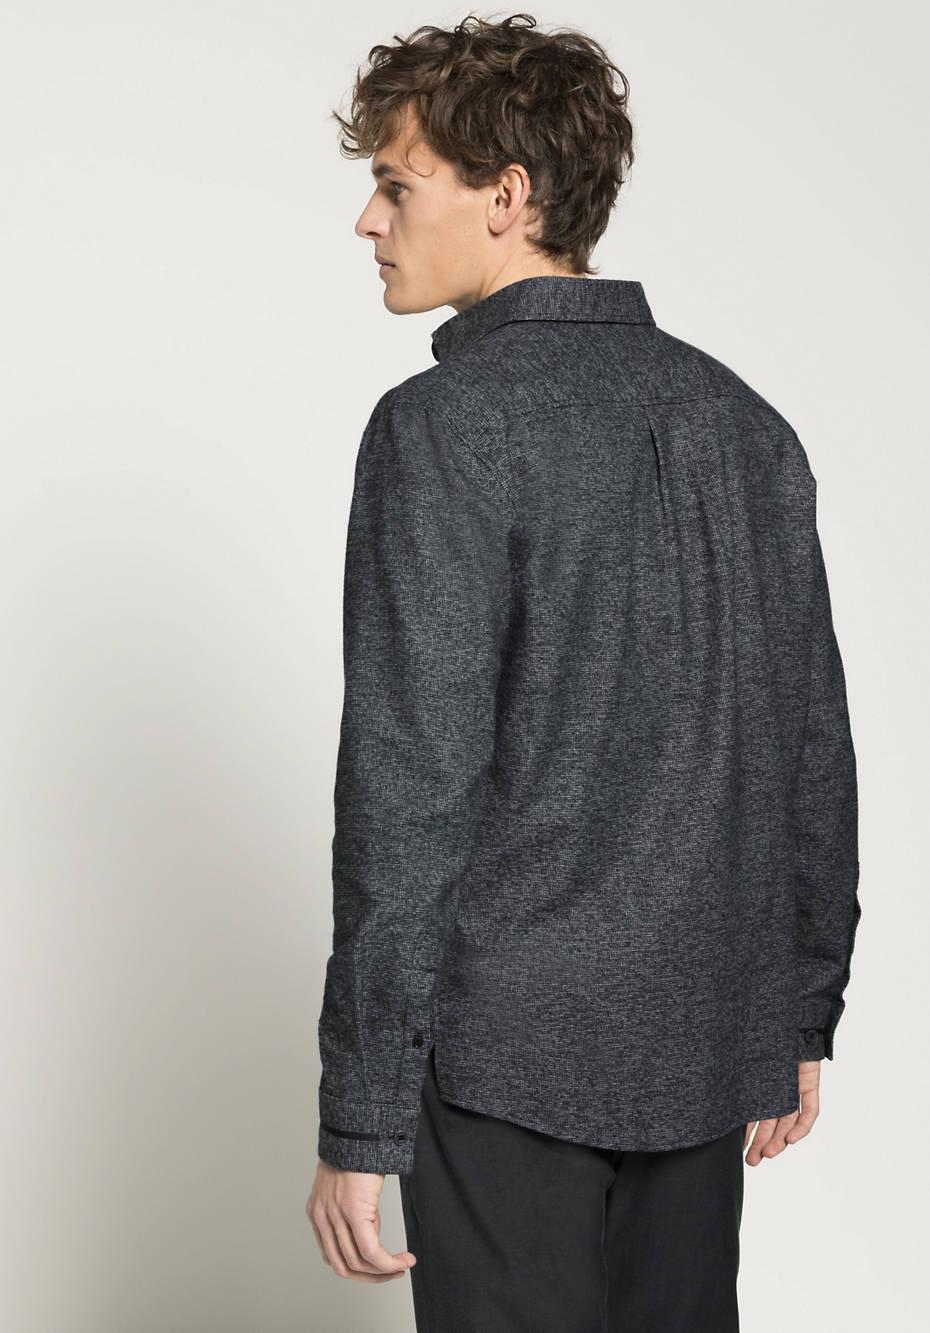 Overshirt Loose Fit aus reiner Bio-Baumwolle